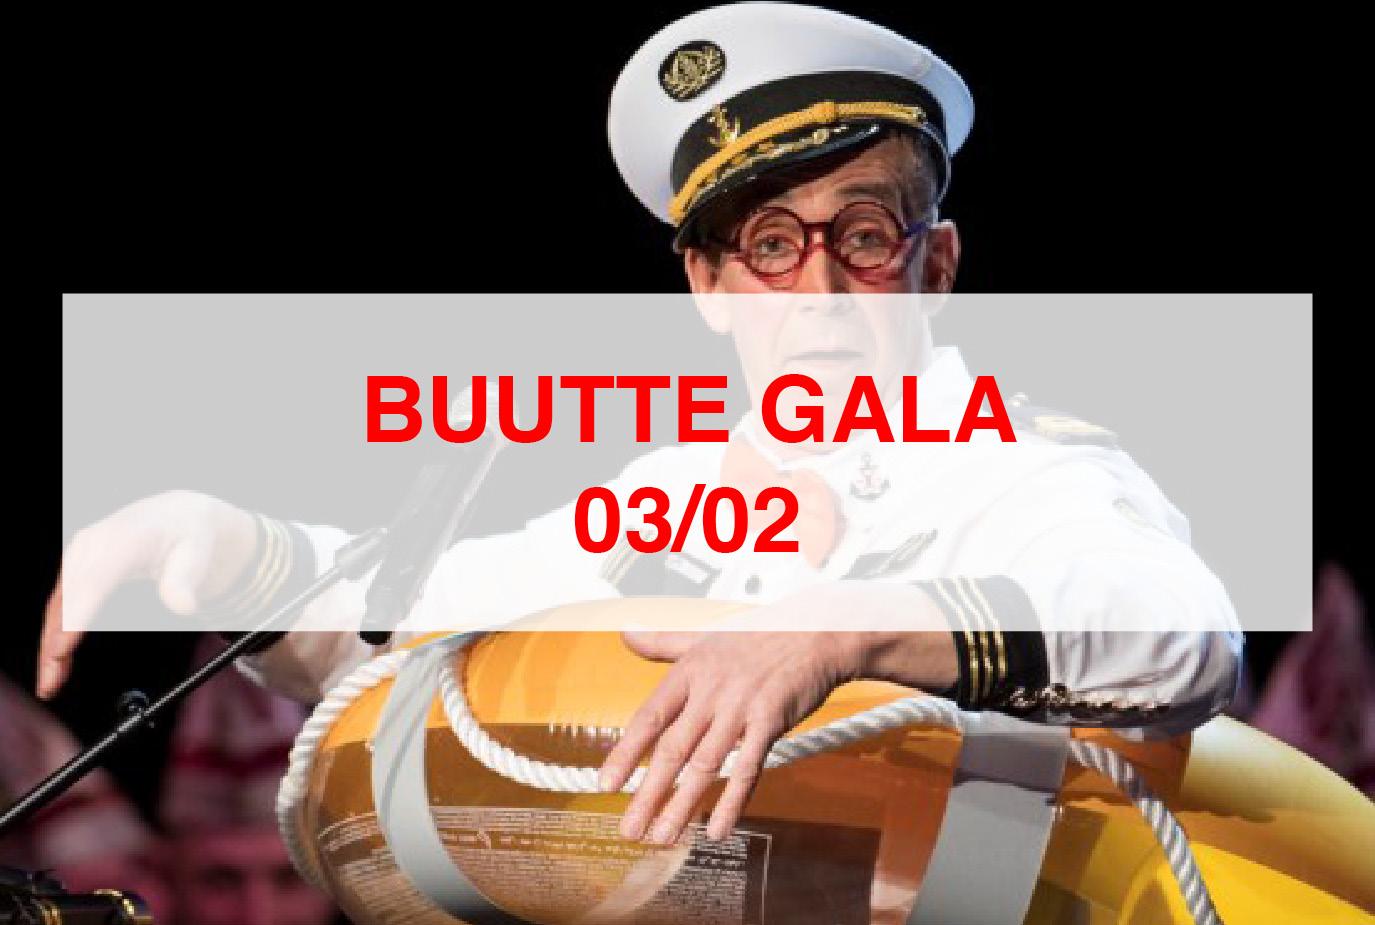 03/02 BUUTTE GALA